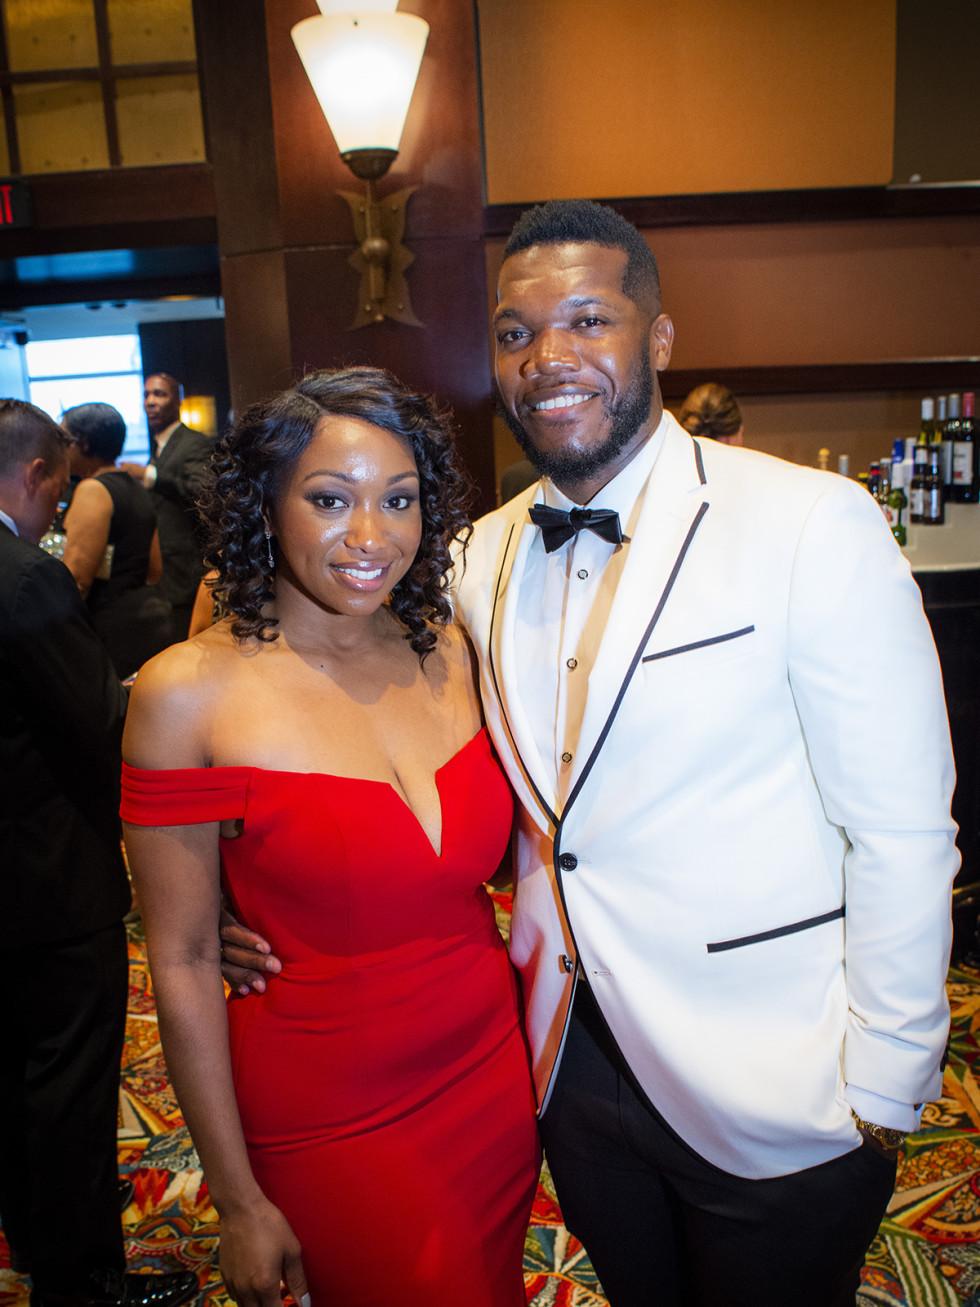 Tiffany Williams and Joelu Edewu